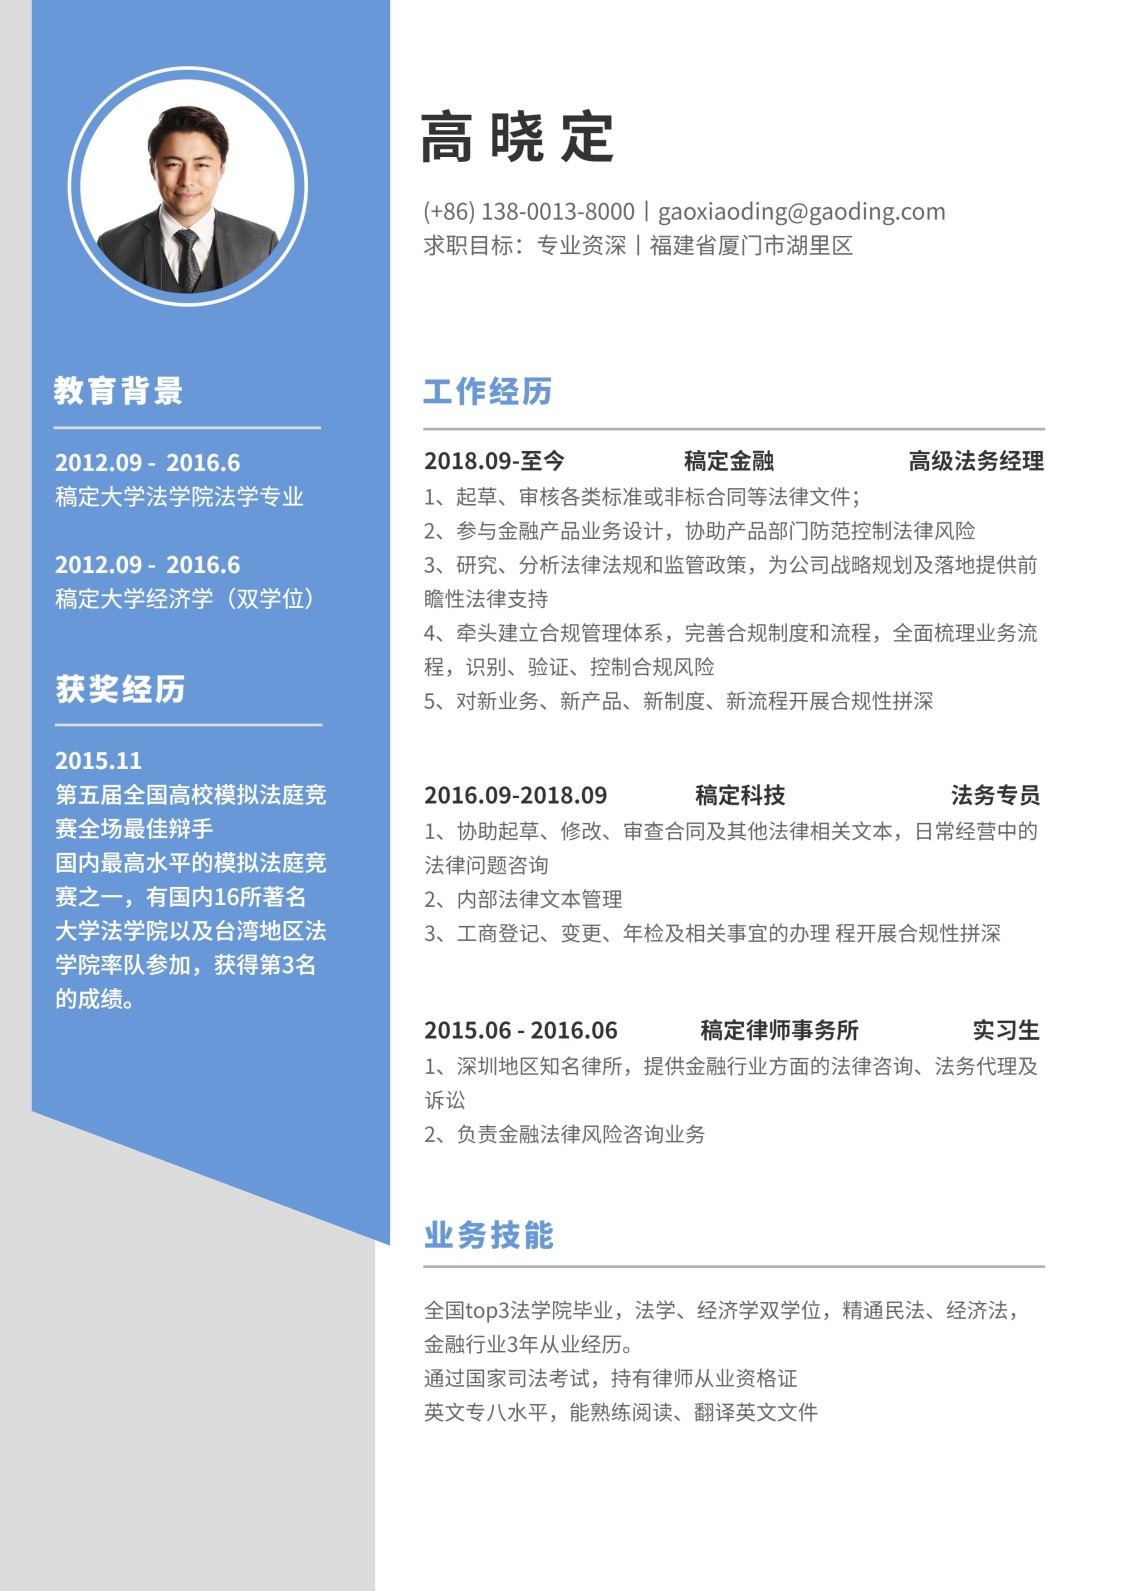 蓝色法务专员简历(专业资深)